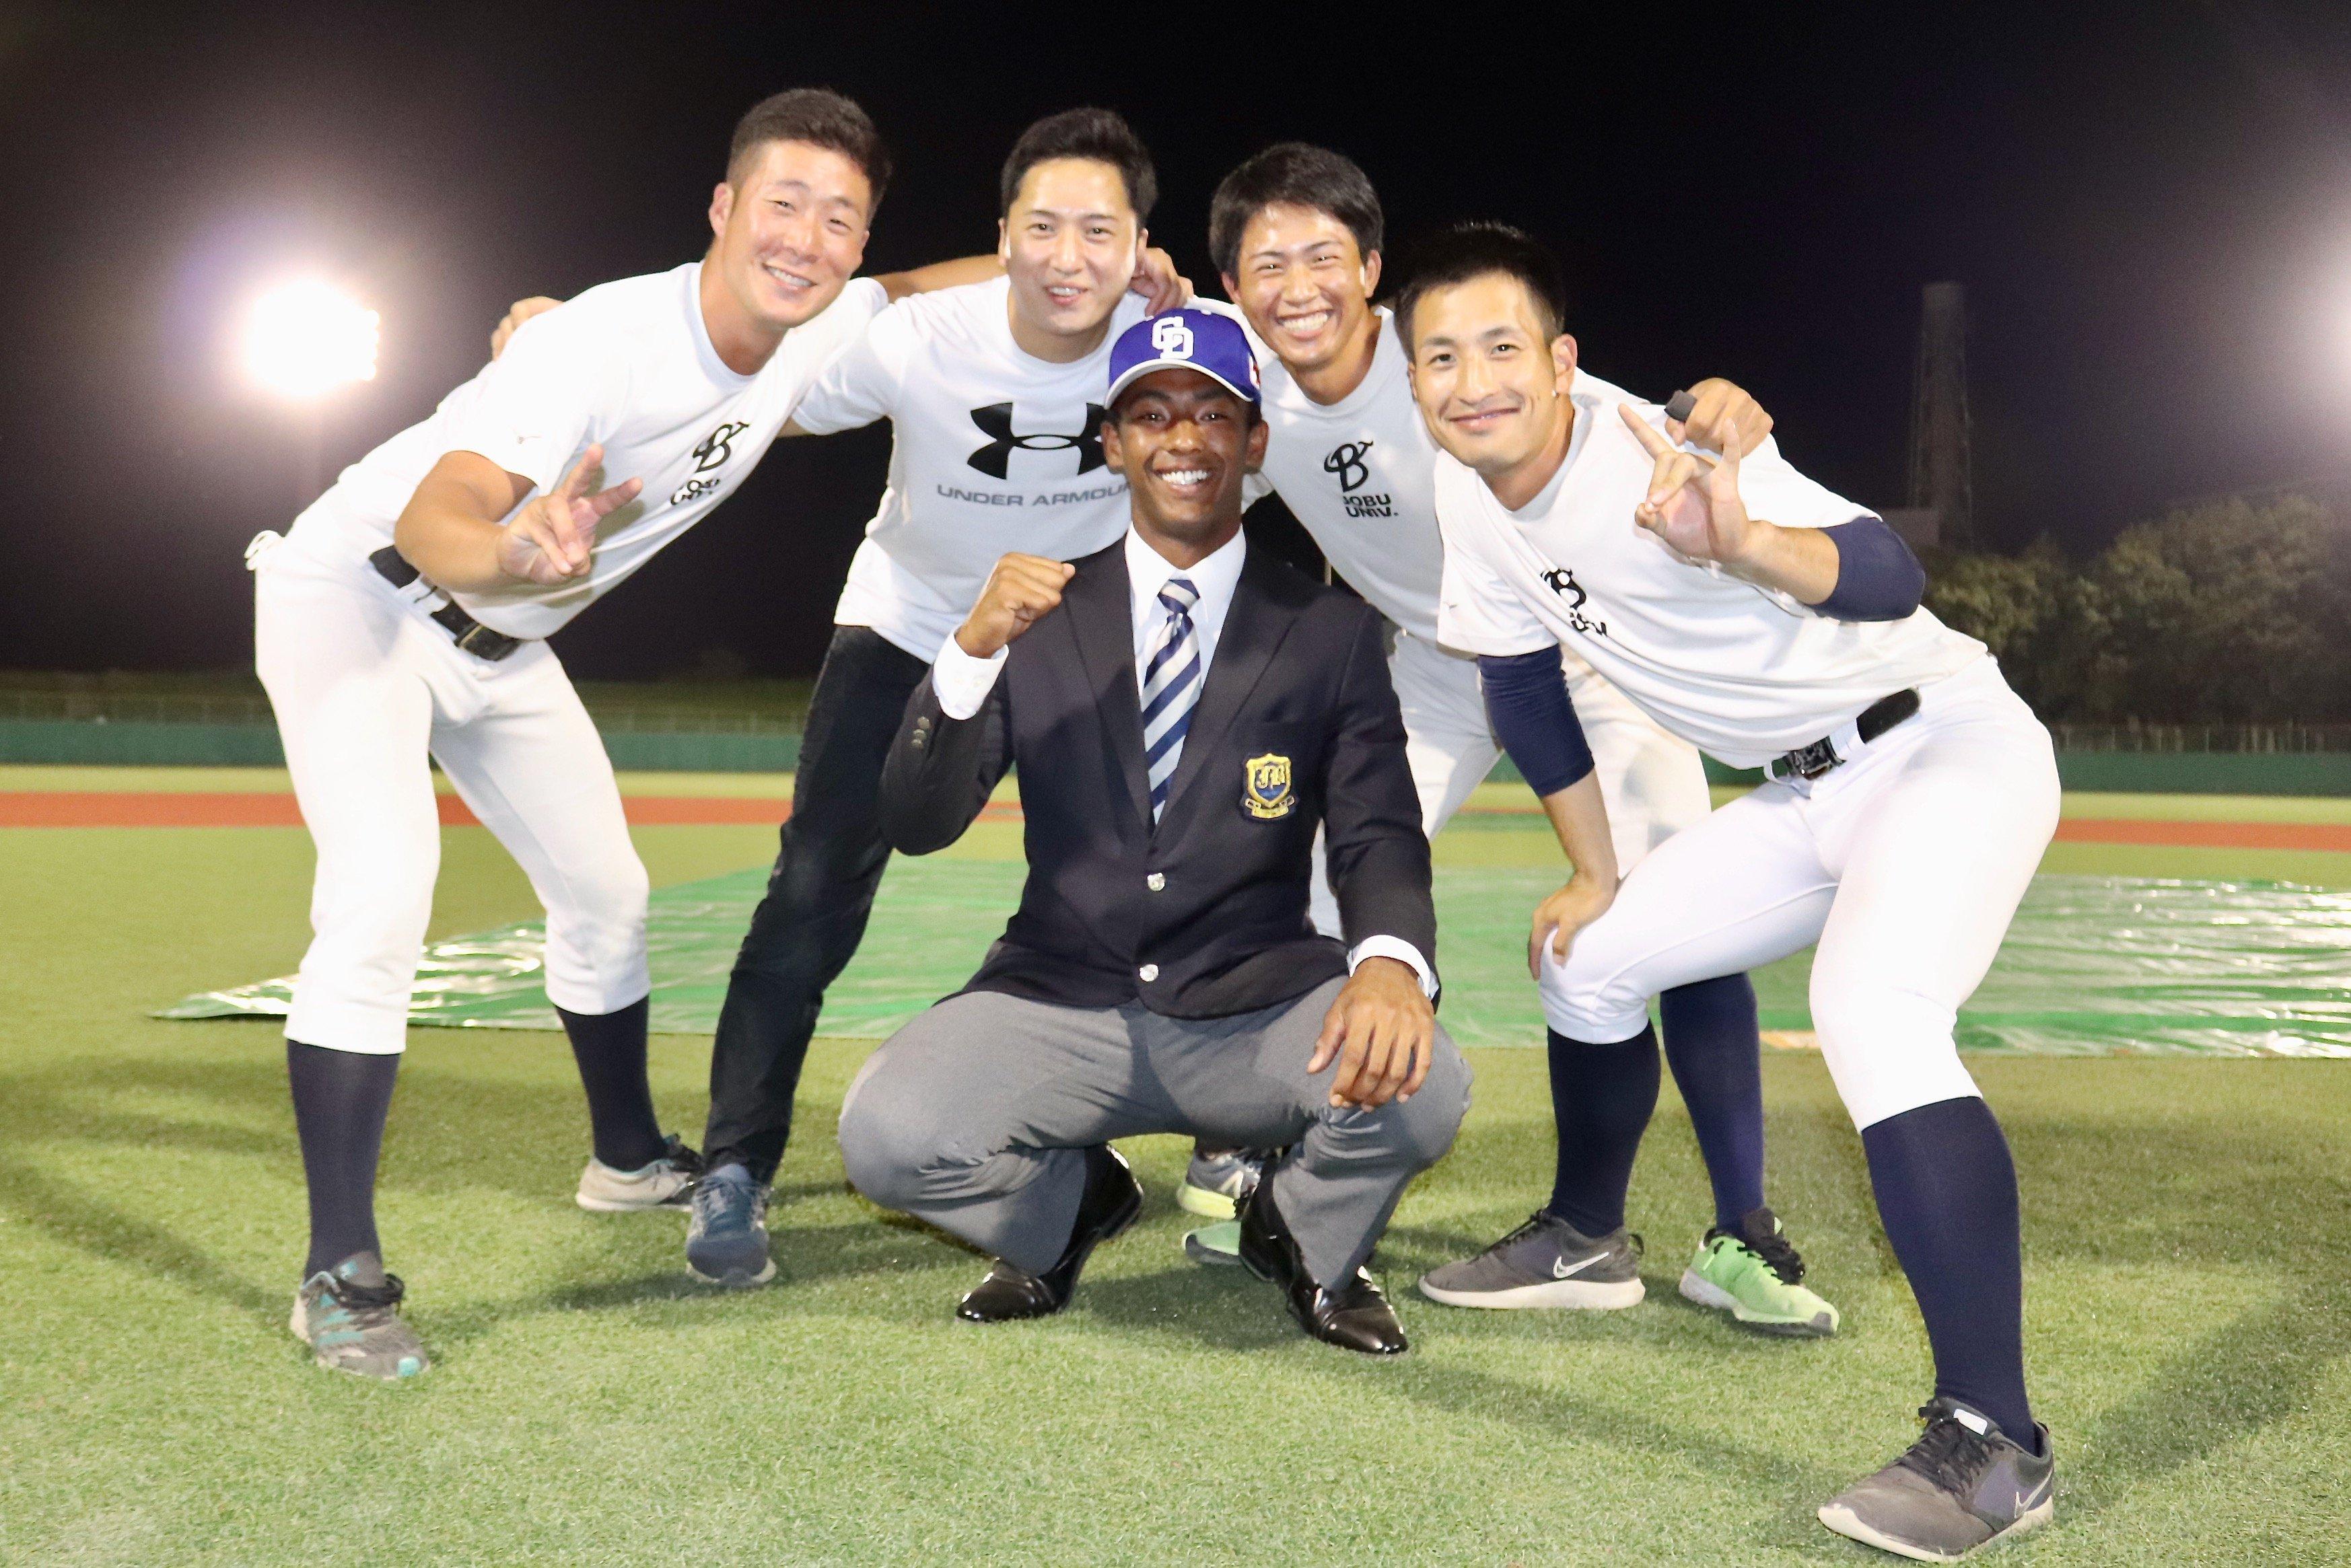 ブライトを説得した(左から)岩本淳太、角永浩武、山脇彰太、井上力斗 ©︎Yu Takagi